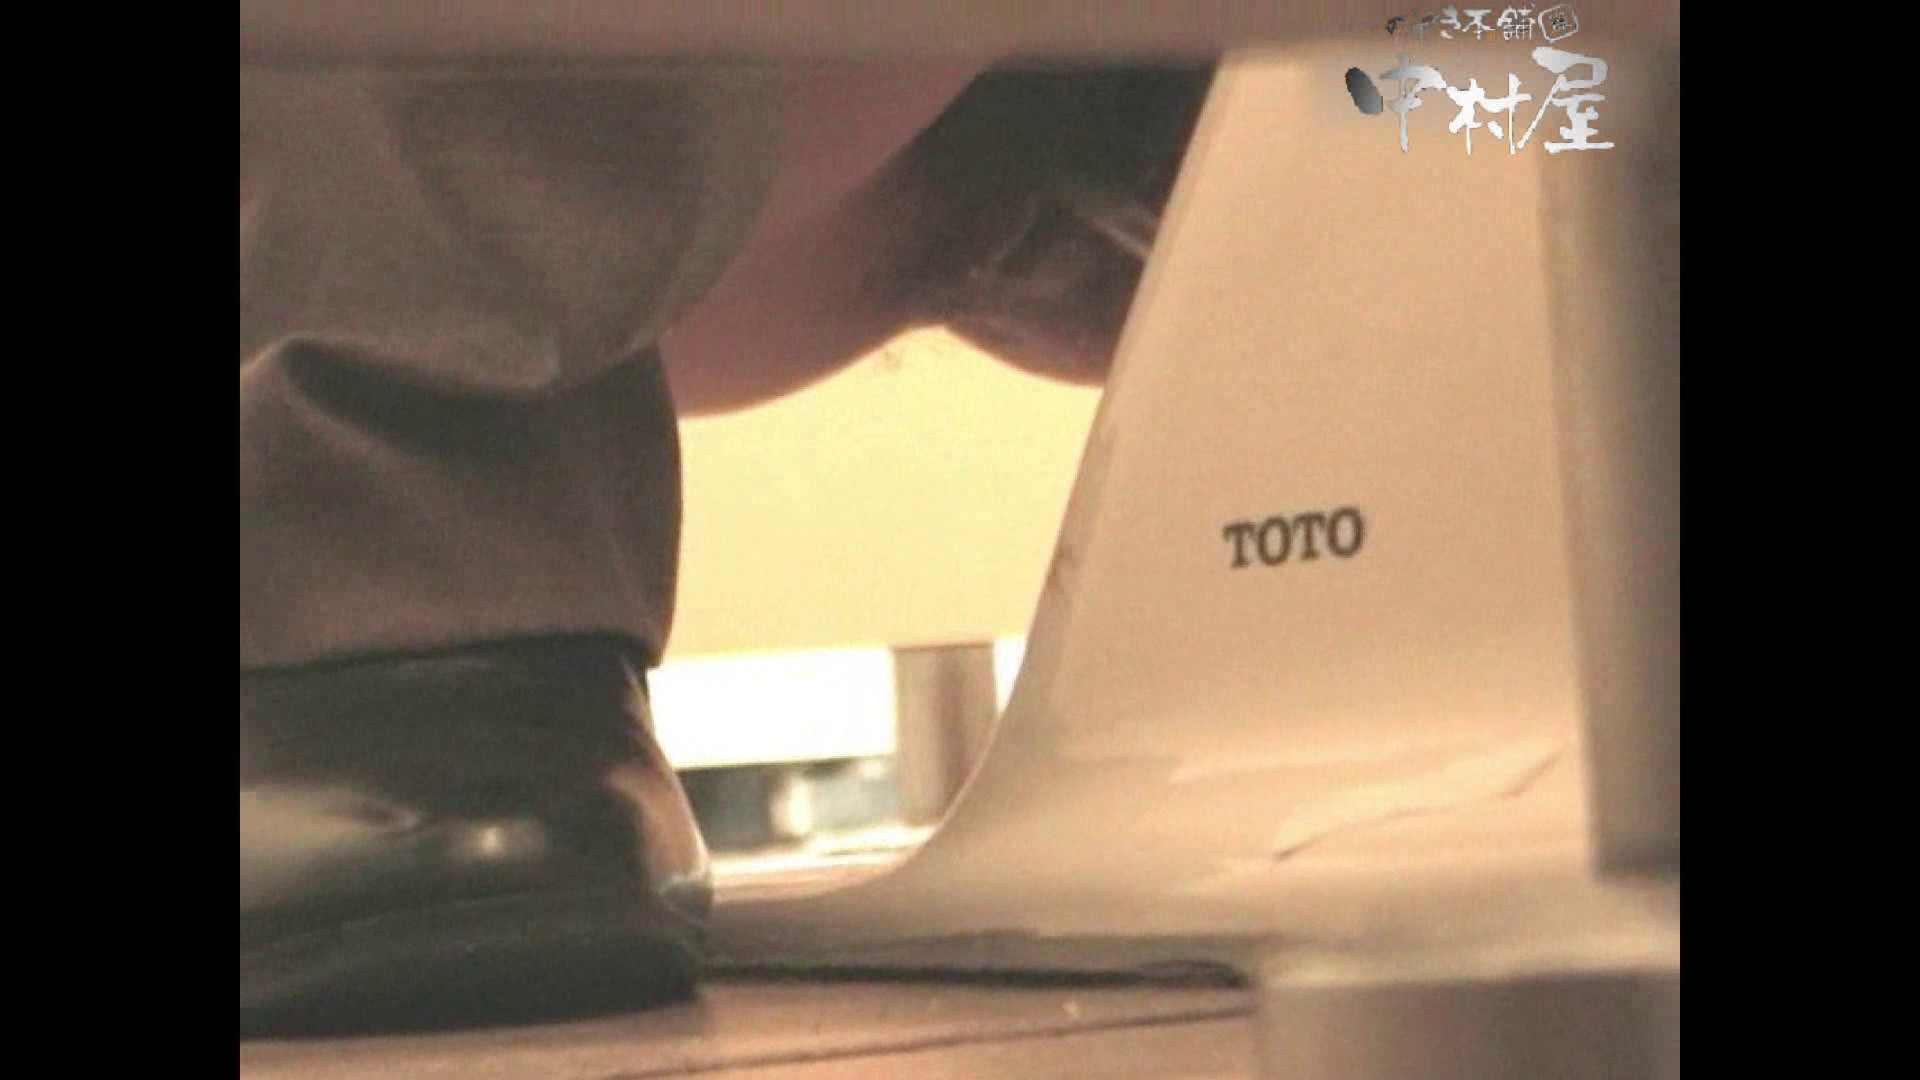 岩手県在住盗撮師盗撮記録vol.04 オマンコ特集 エロ画像 98pic 50